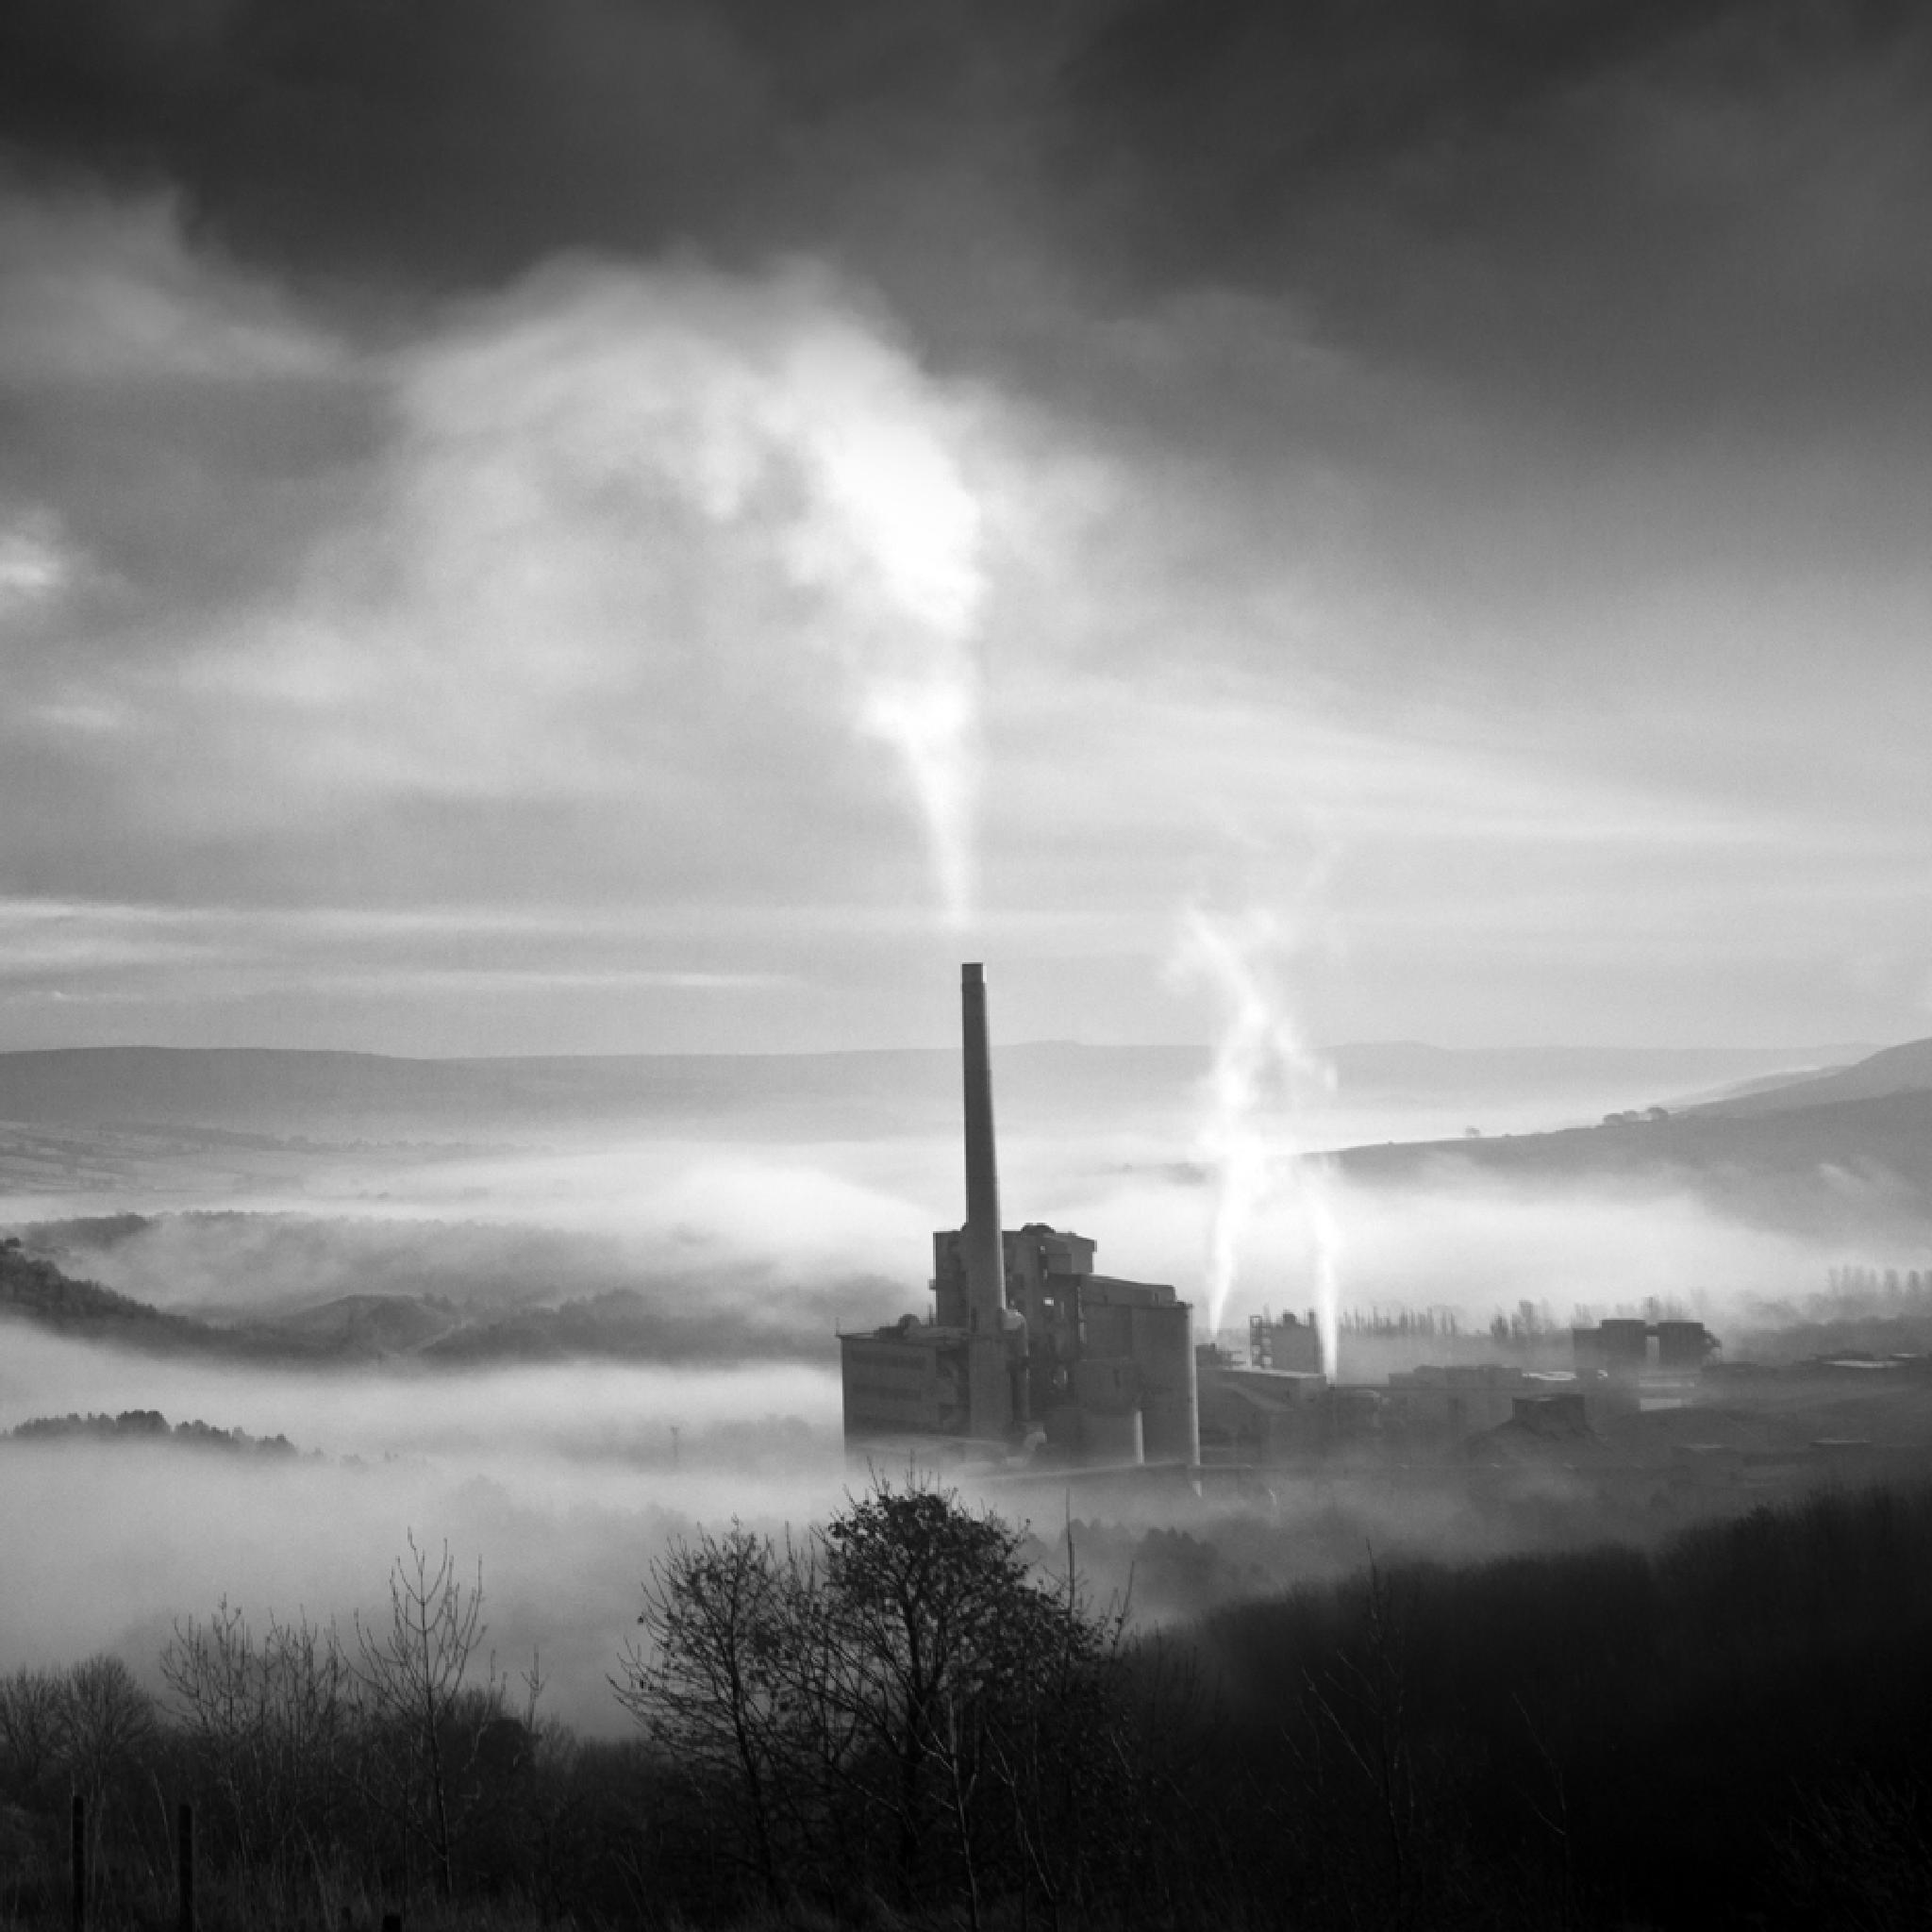 Mist Maker by Stephen McNally